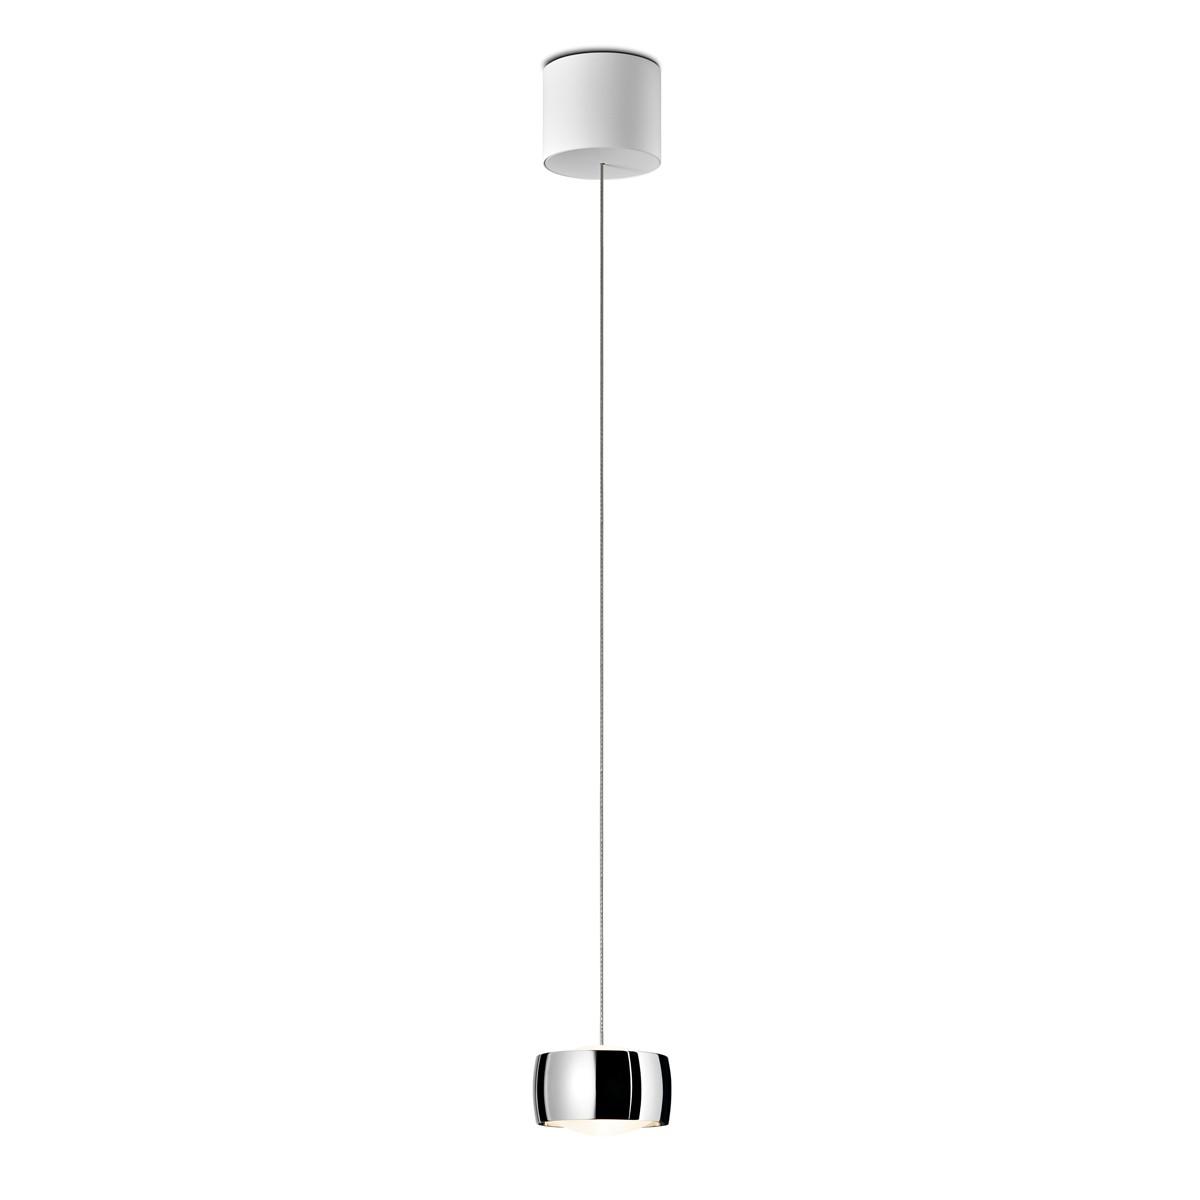 Oligo Grace LED Pendelleuchte, unsichtbare Höhenverstellung, Chrom